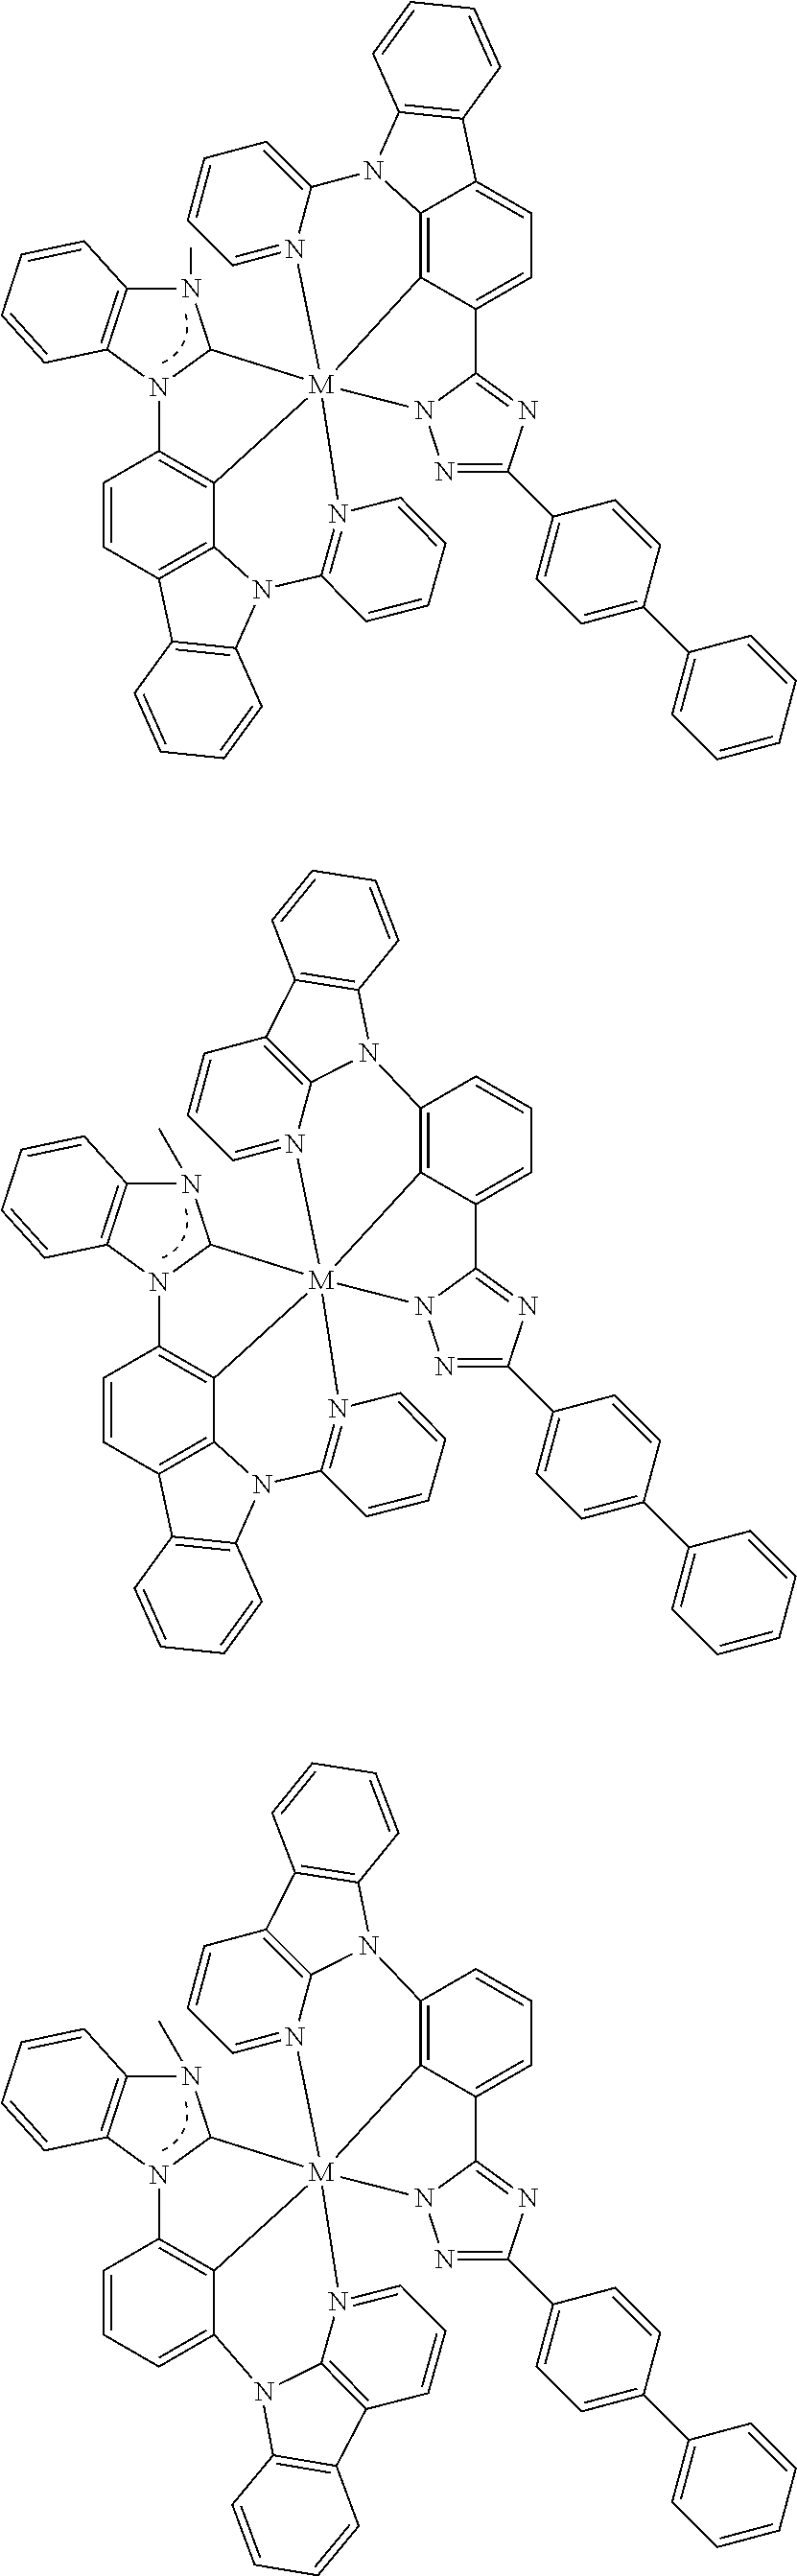 Figure US09818959-20171114-C00275